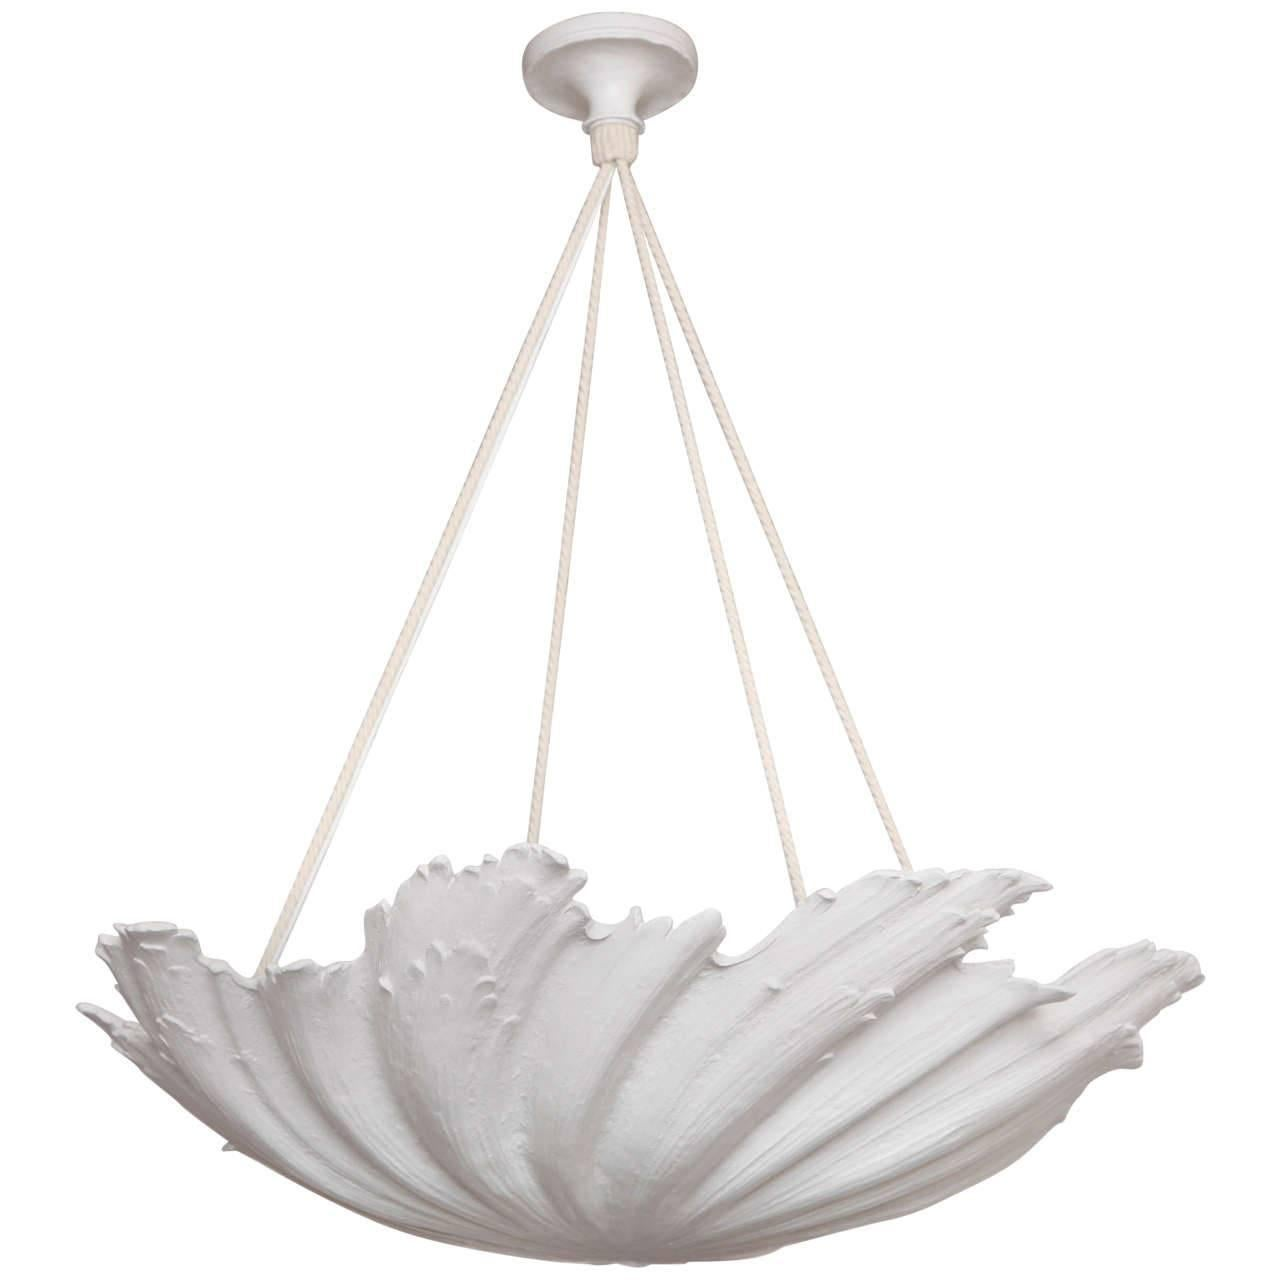 WP Sullivan Plaster Shell Chandelier